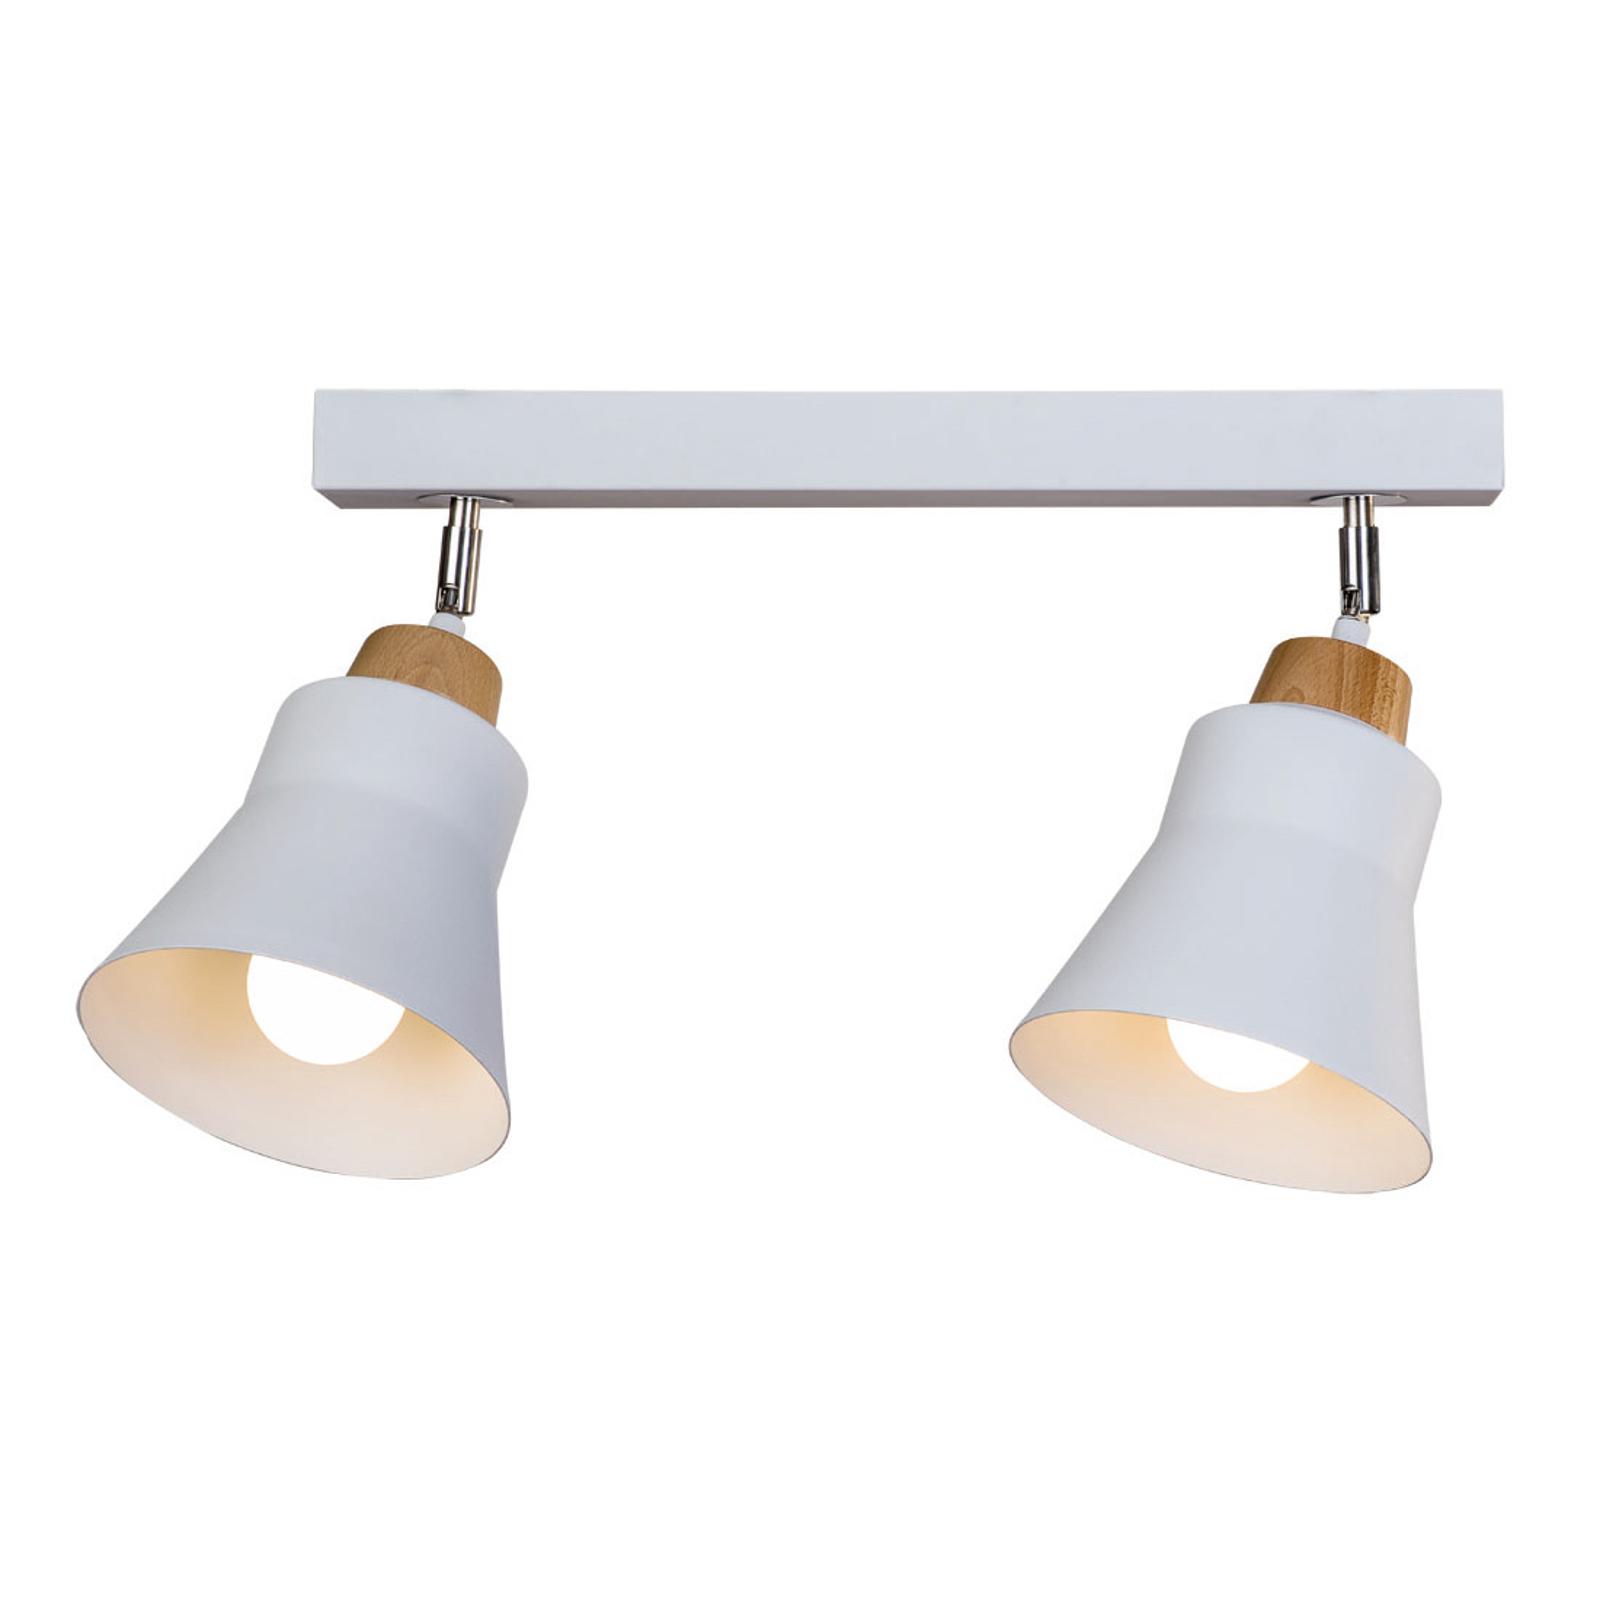 Kattovalaisin Wood, 2-lamppuinen, valkoinen